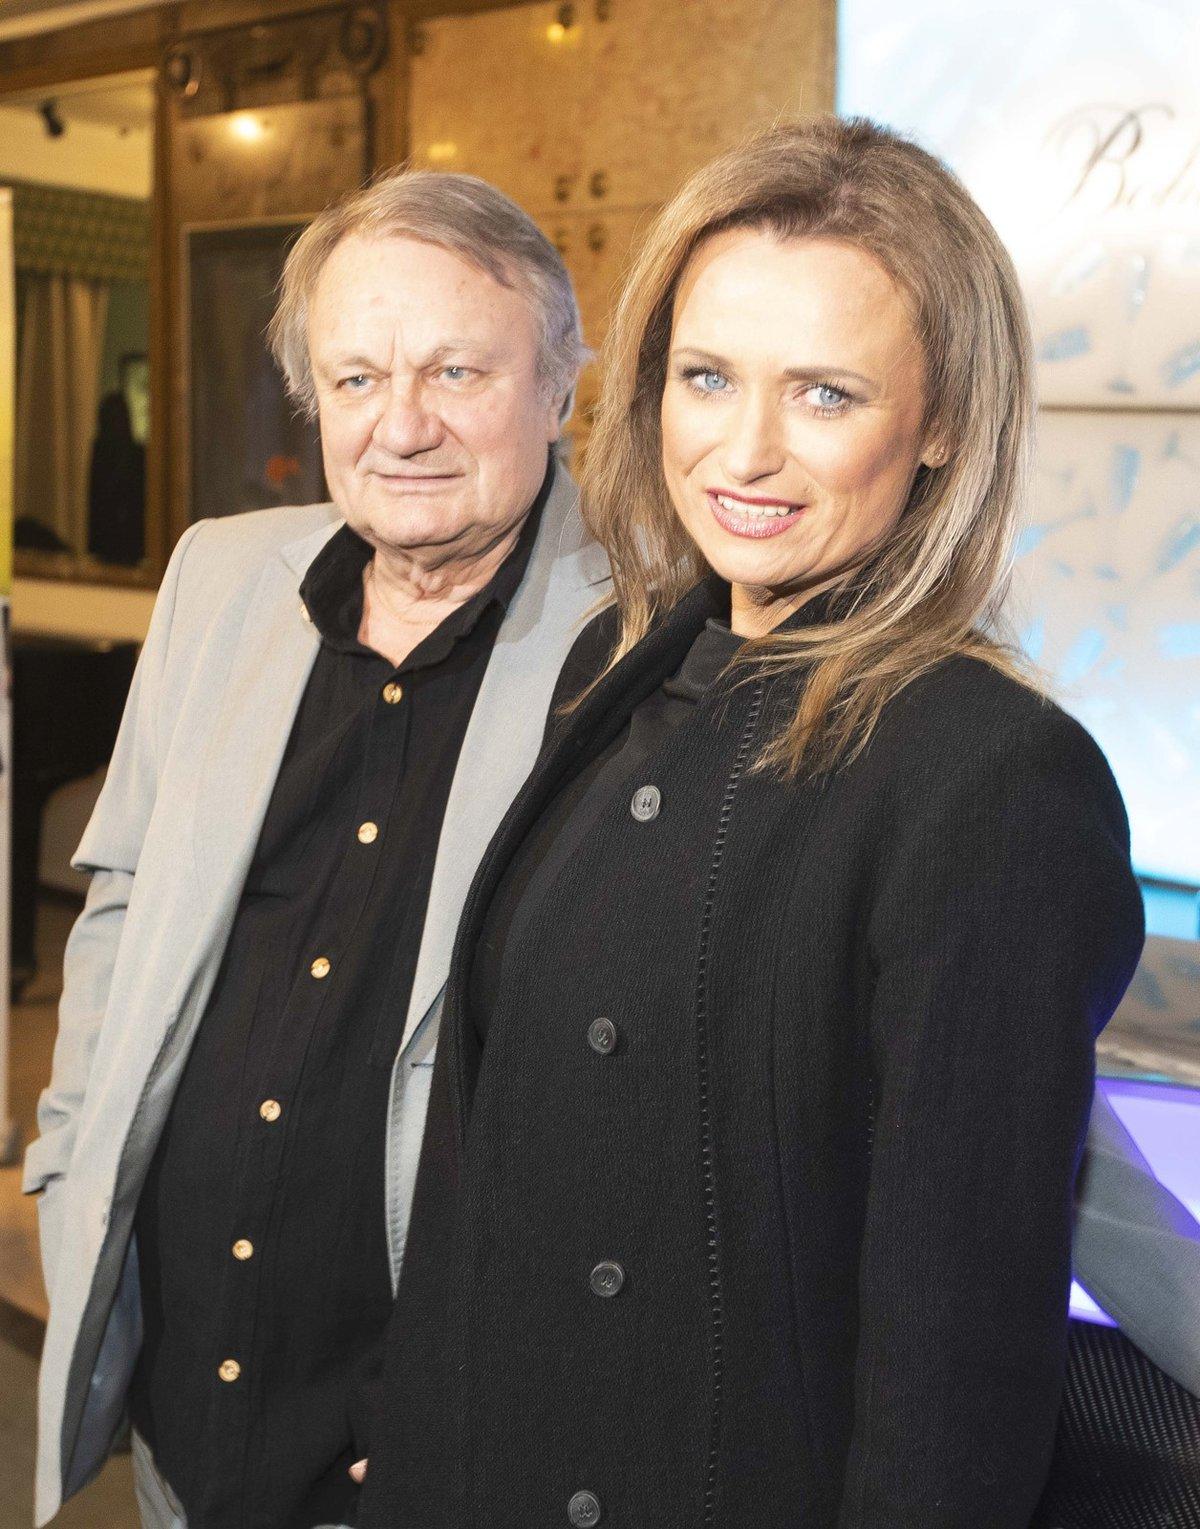 Jana Adamcová s manželem, režisérem Jiřím Adamcem